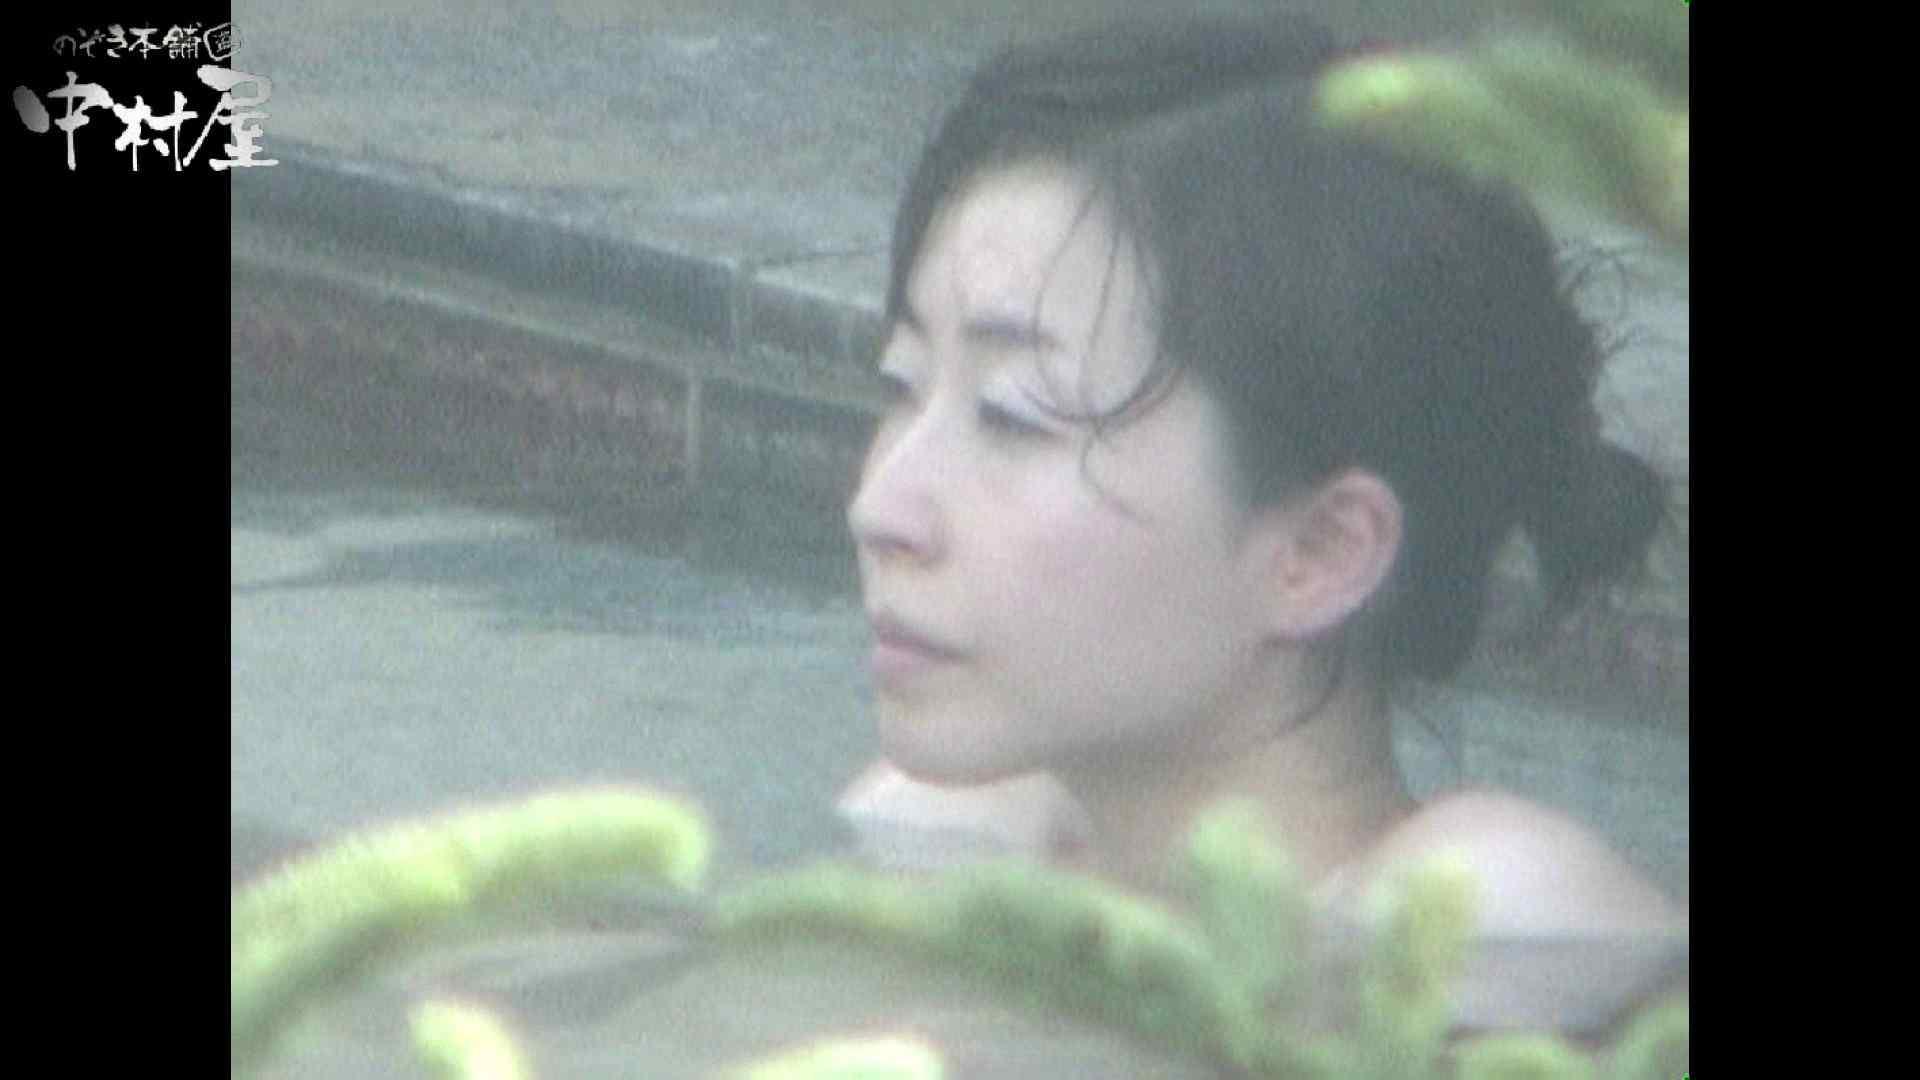 Aquaな露天風呂Vol.957 盗撮シリーズ  110PIX 36